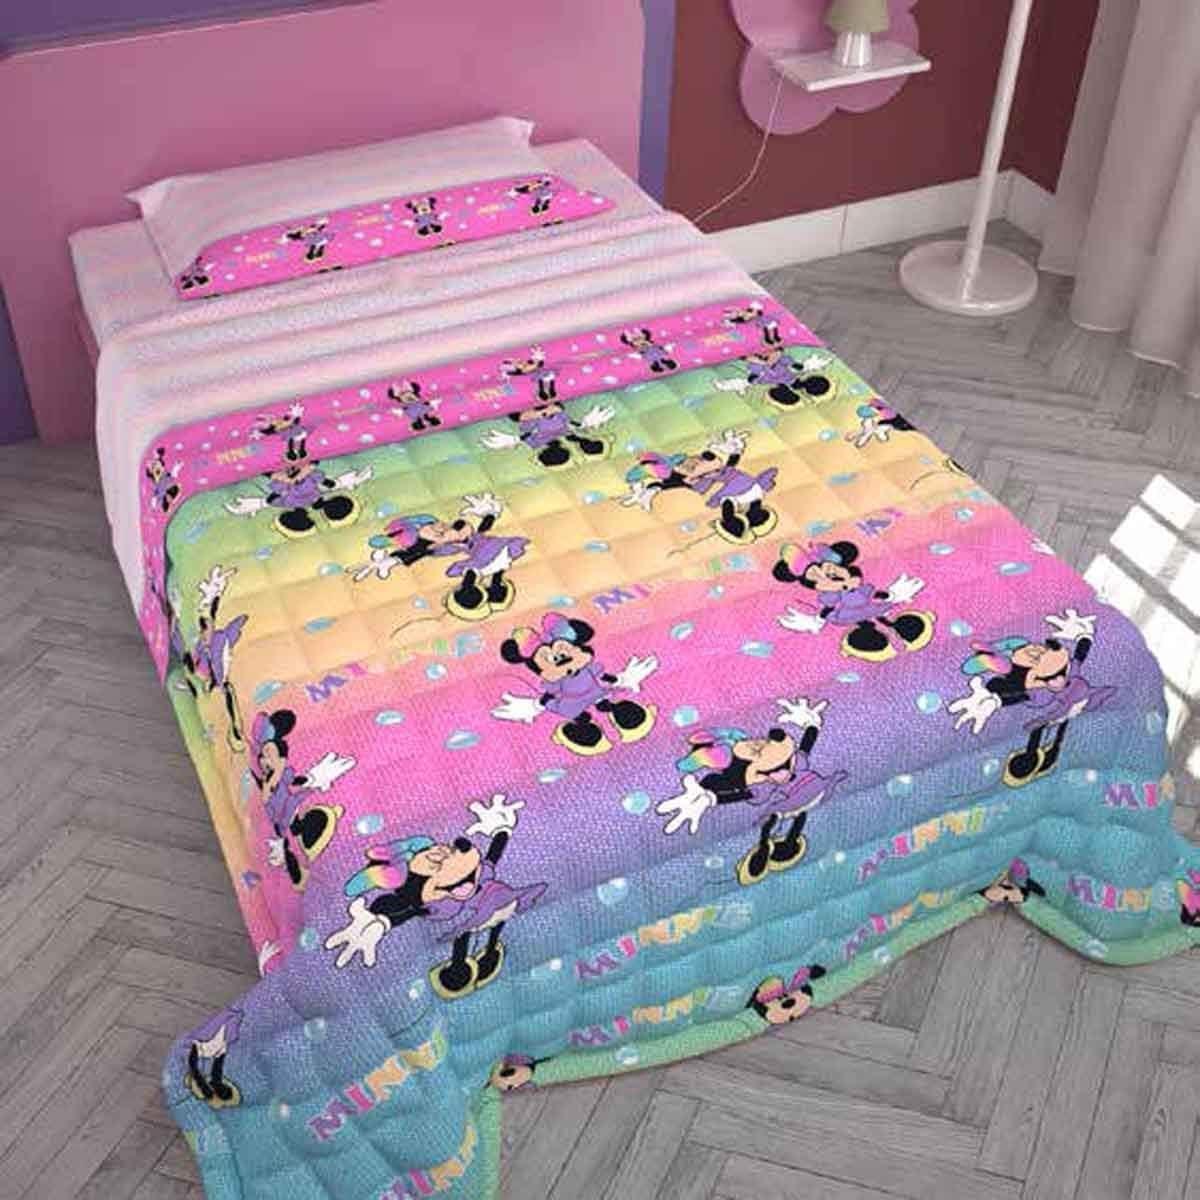 Trapunta Estiva Singola Disney.G C Enterprise Copriletto Trapuntato Disney Minnie Pois 1 Piazza E Mezza Amazon It Casa E Cucina